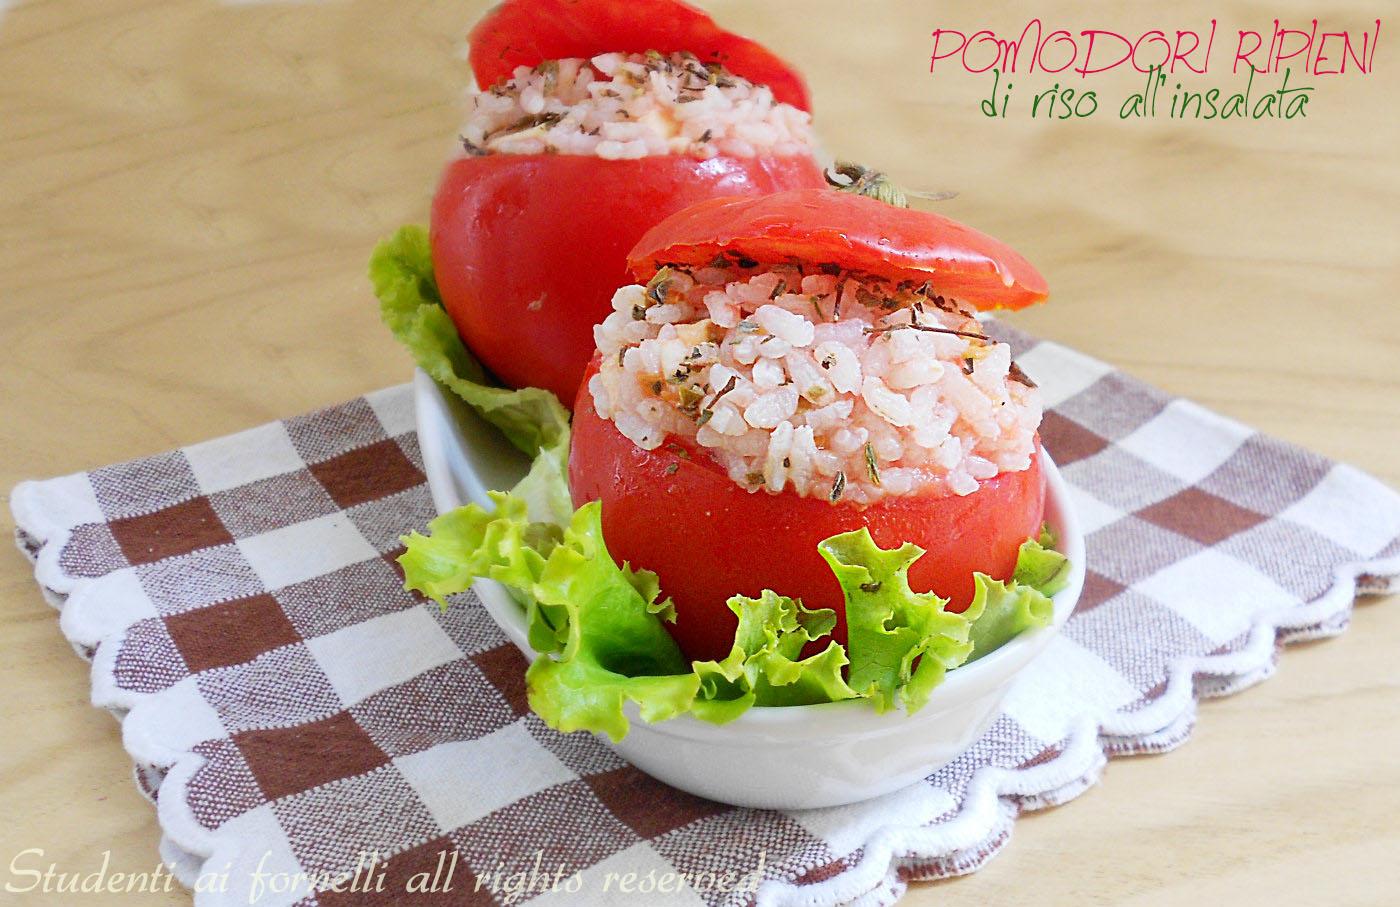 pomodori ripieni di riso all'insalata ricetta primo piatto estivo copy